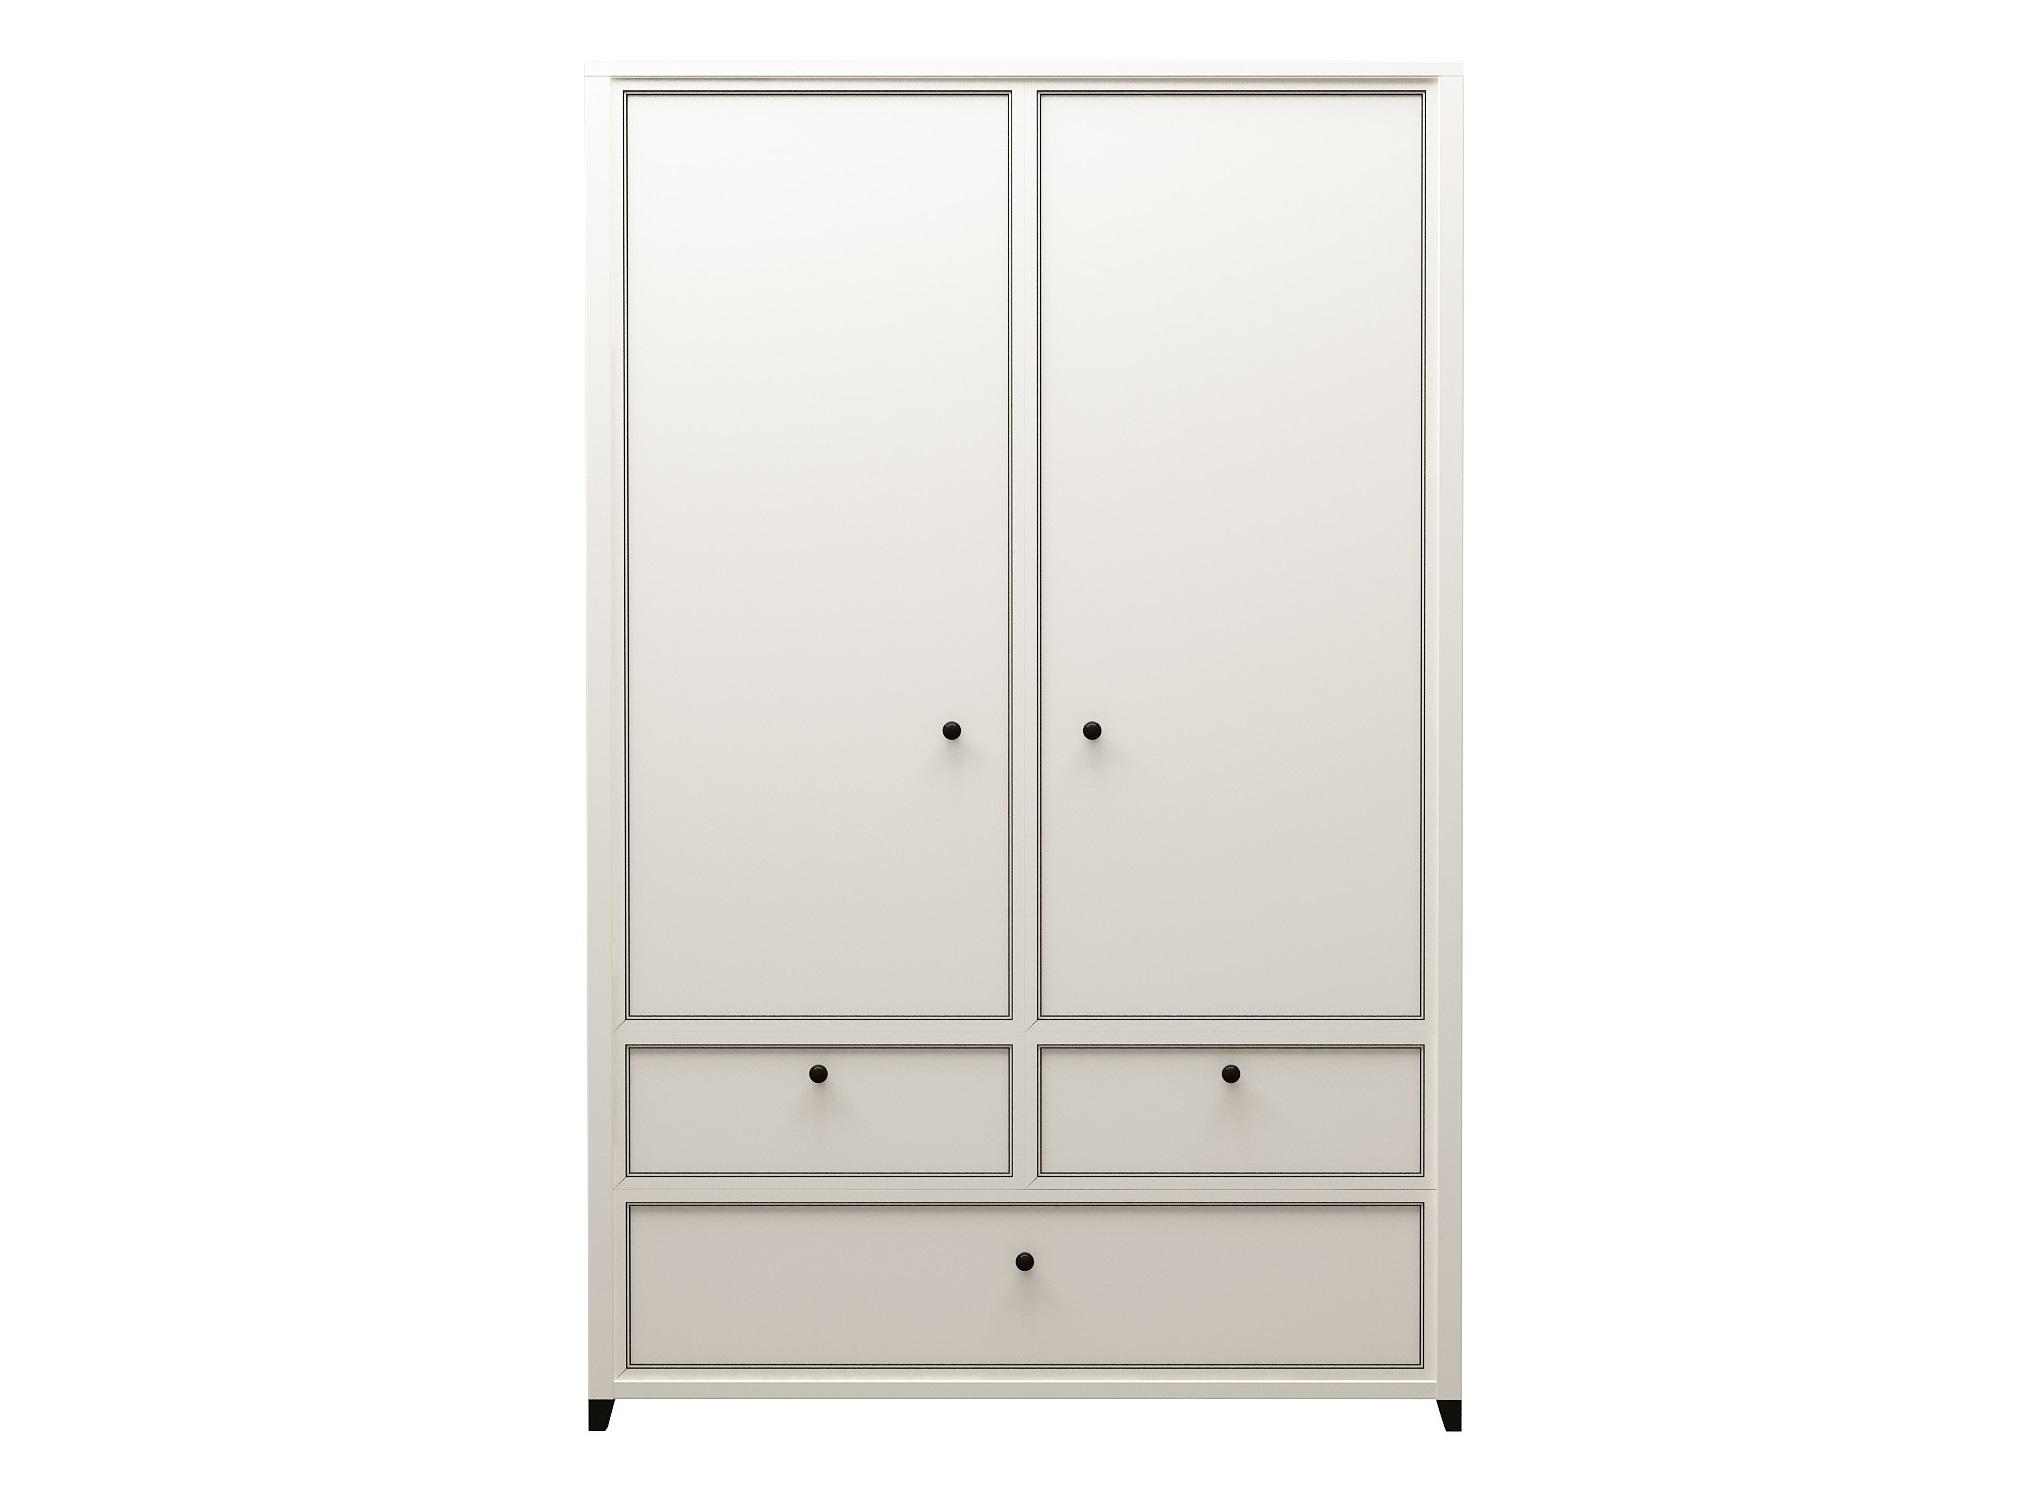 Шкаф VermontПлатяные шкафы<br>&amp;lt;div&amp;gt;Материал: крашеный мдф.&amp;lt;/div&amp;gt;&amp;lt;div&amp;gt;Три нижних ящика выдвижные.&amp;lt;/div&amp;gt;&amp;lt;div&amp;gt;Двери на петлях (для одежды).&amp;lt;/div&amp;gt;<br><br>Material: МДФ<br>Ширина см: 130<br>Высота см: 220<br>Глубина см: 50